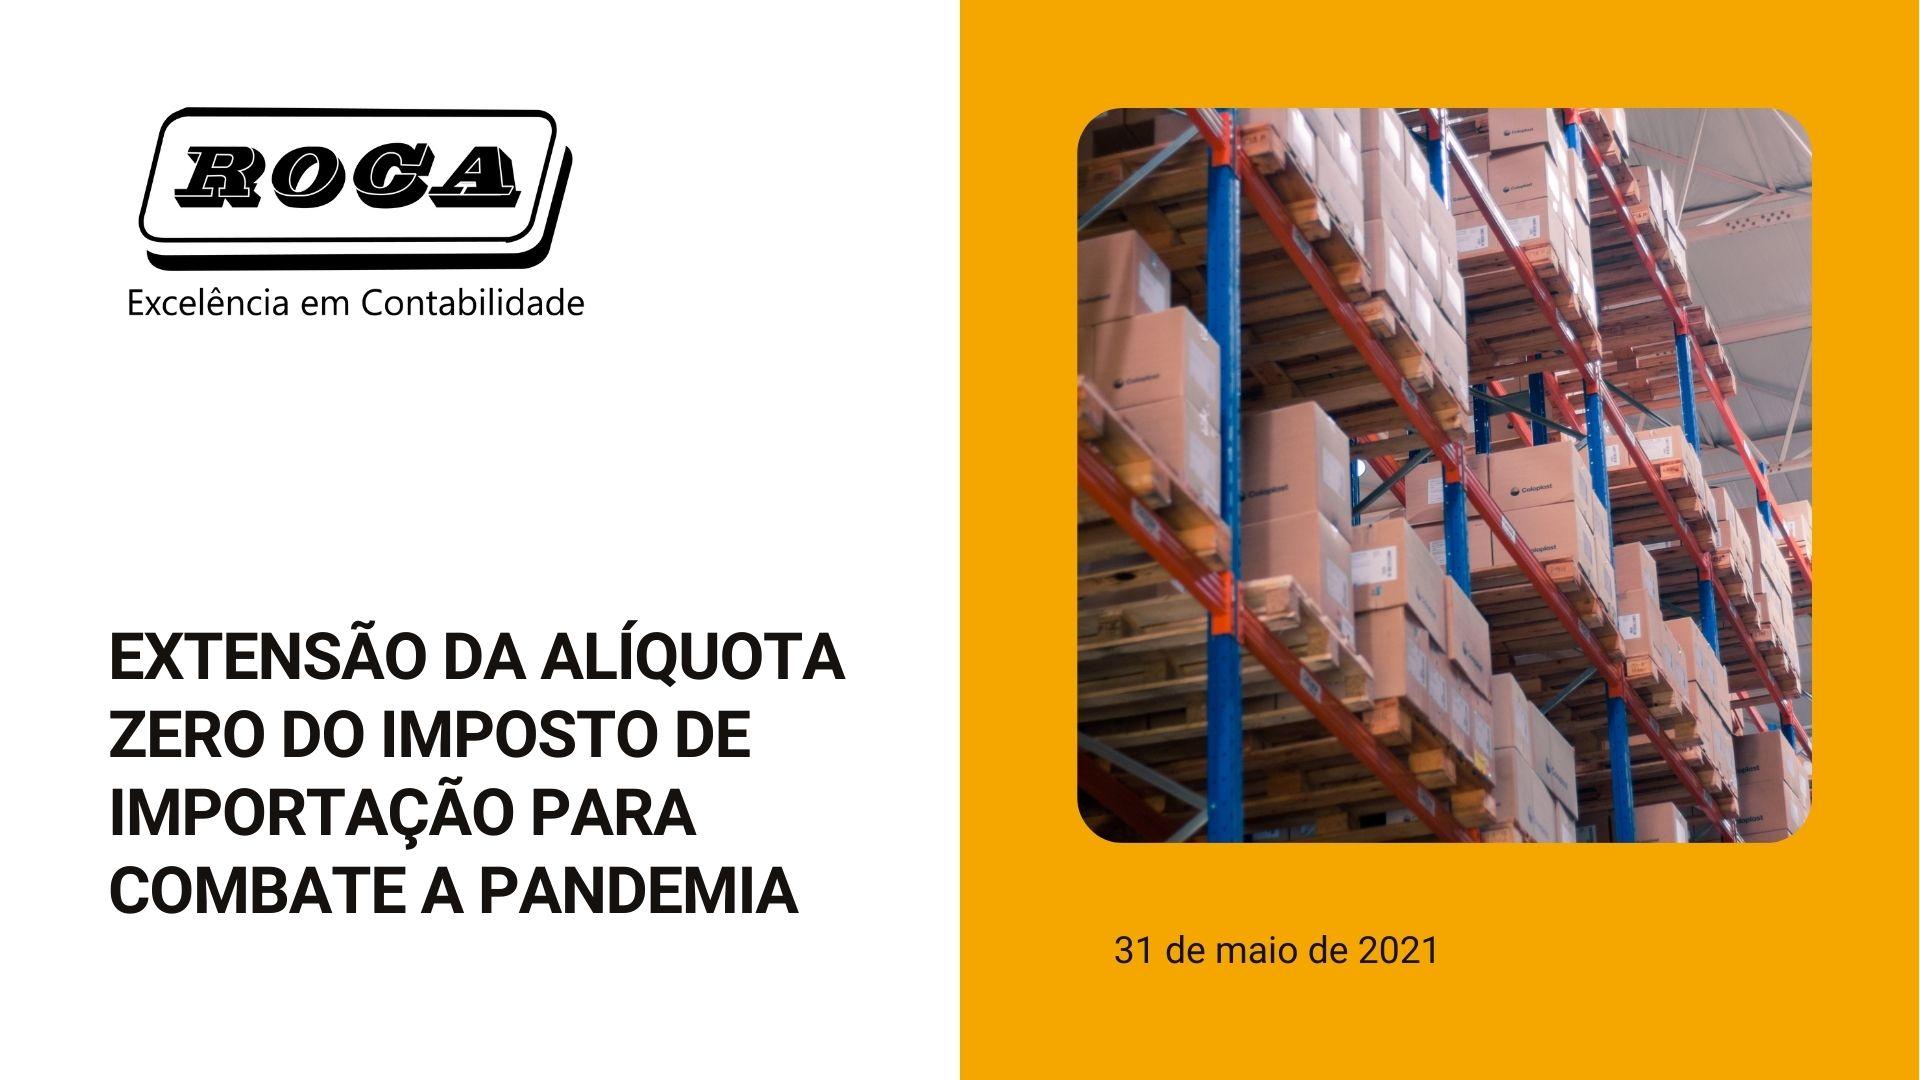 EXTENSÃO DA ALÍQUOTA ZERO DO IMPOSTO DE IMPORTAÇÃO PARA COMBATE A PANDEMIA